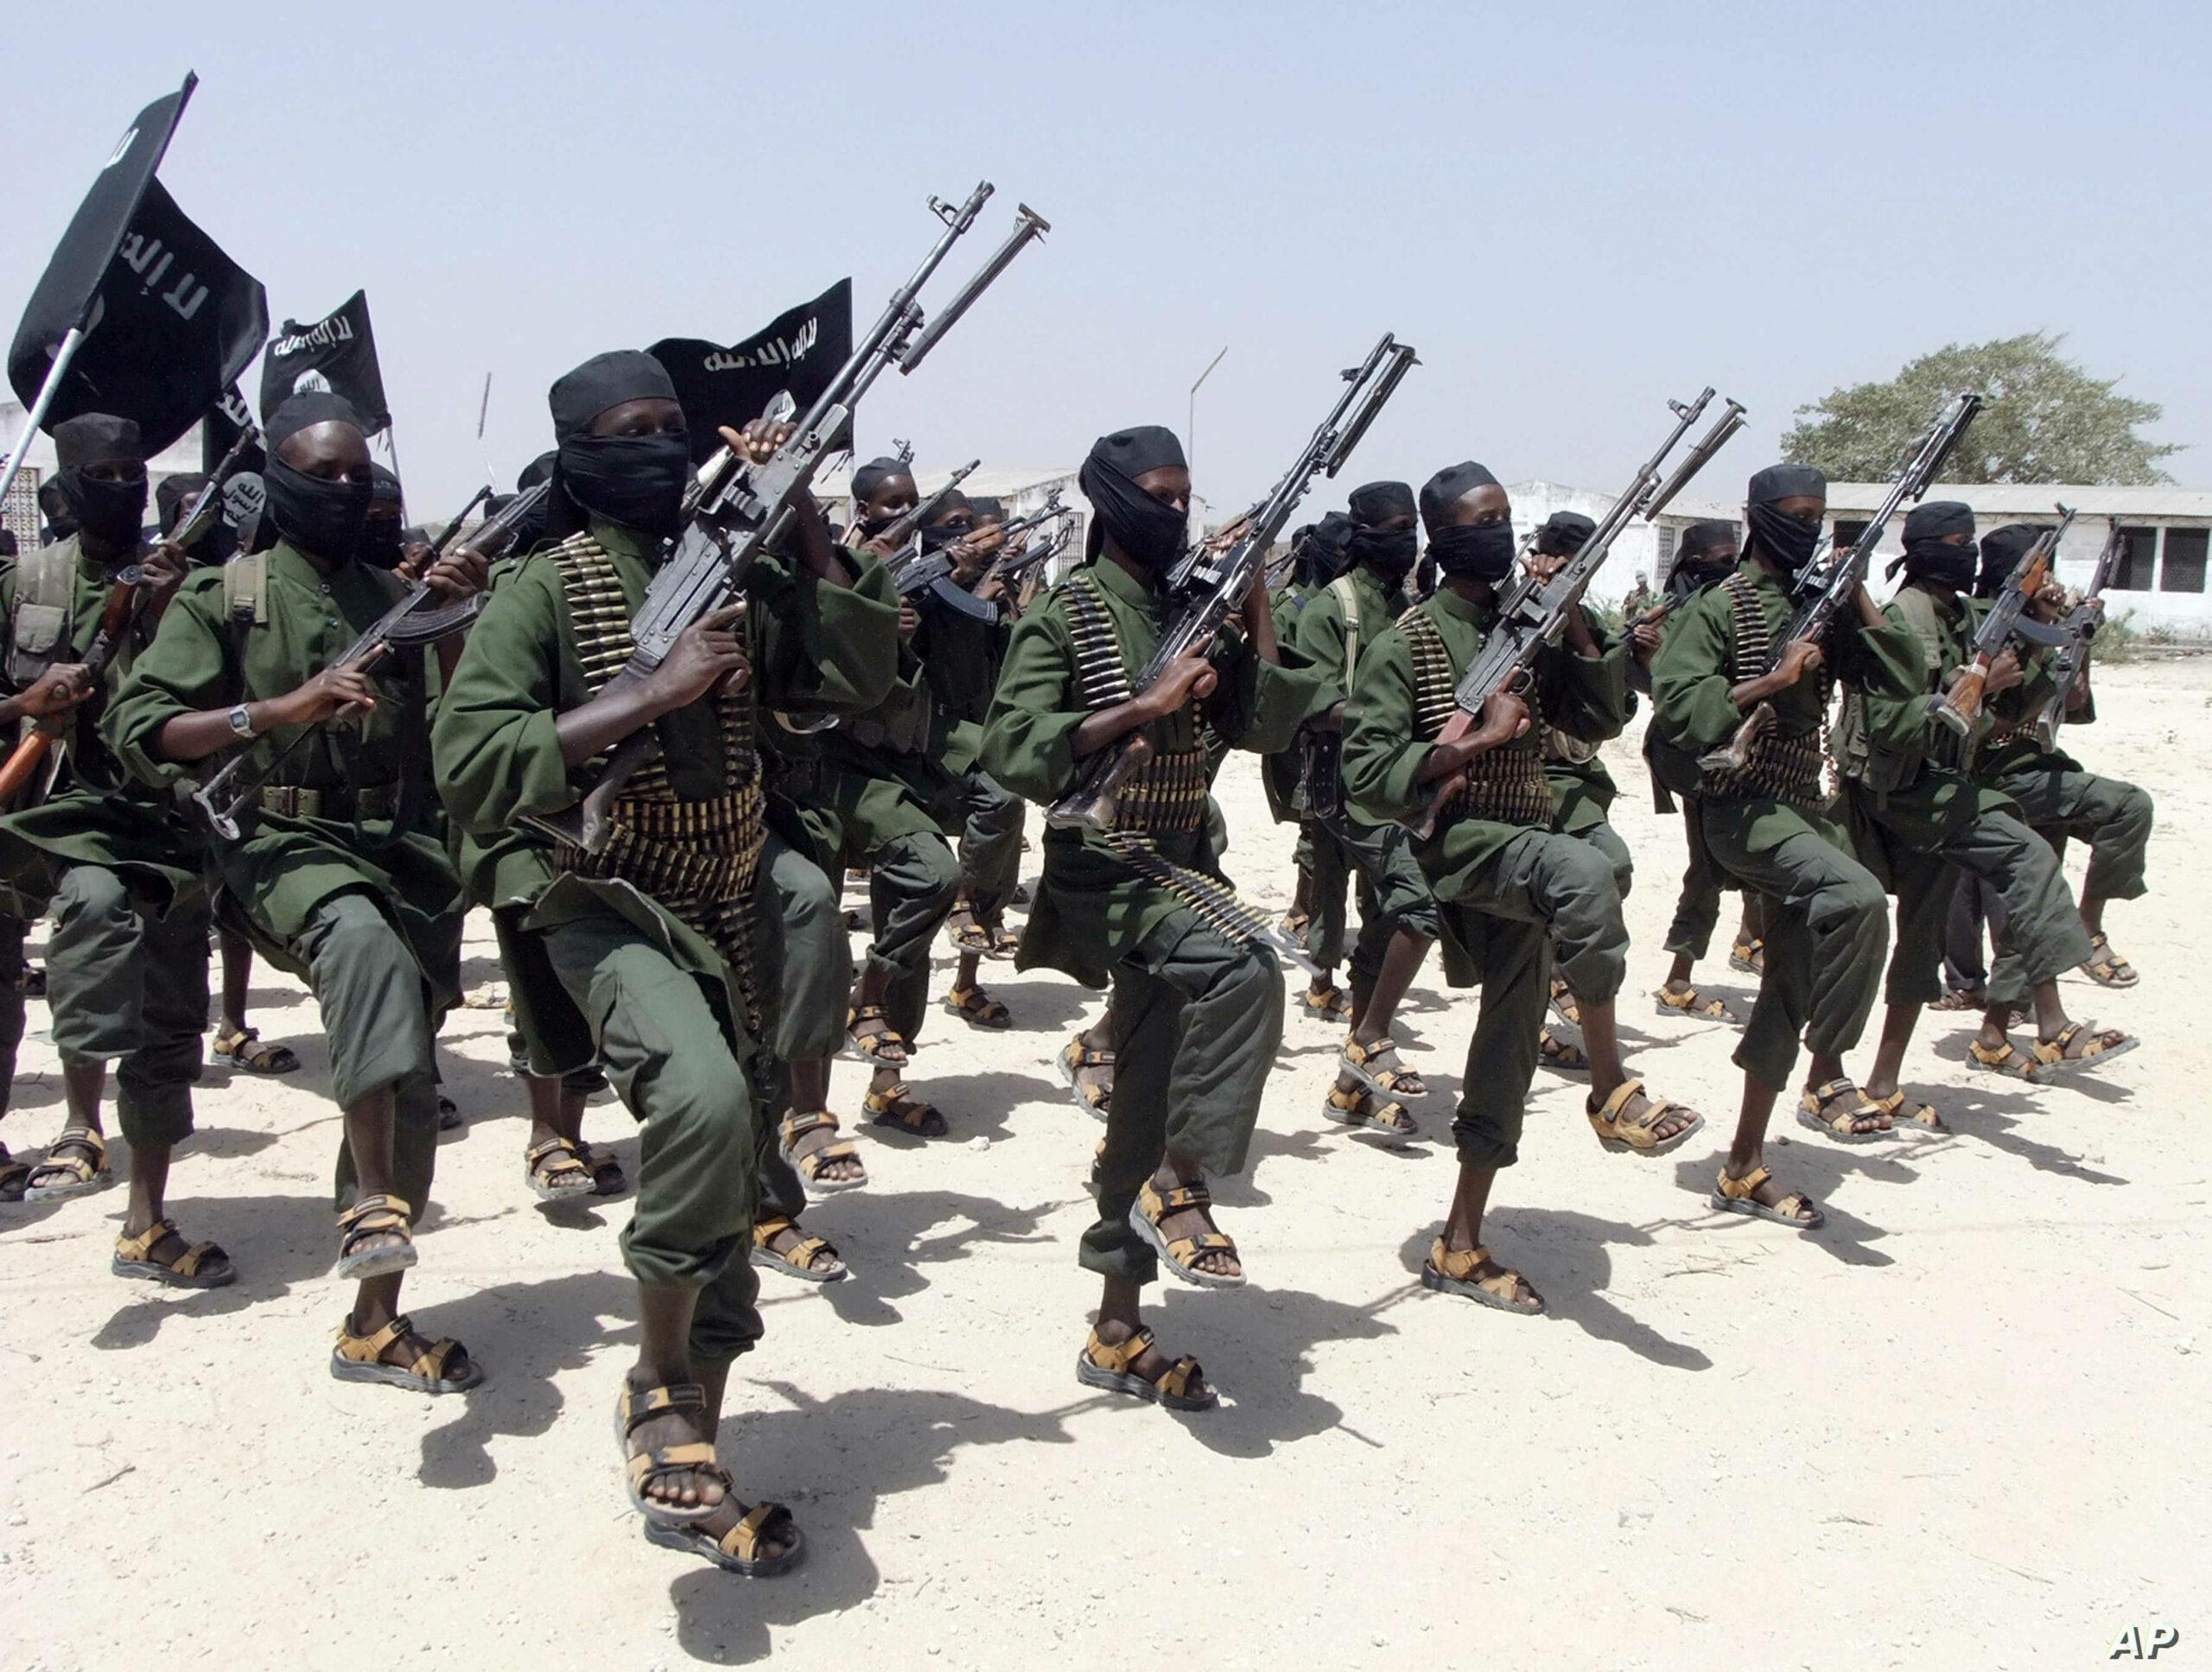 SUA elimină încă un lider terorist! Șeful Al-Shabab, vinovat de moartea a trei americani, executat